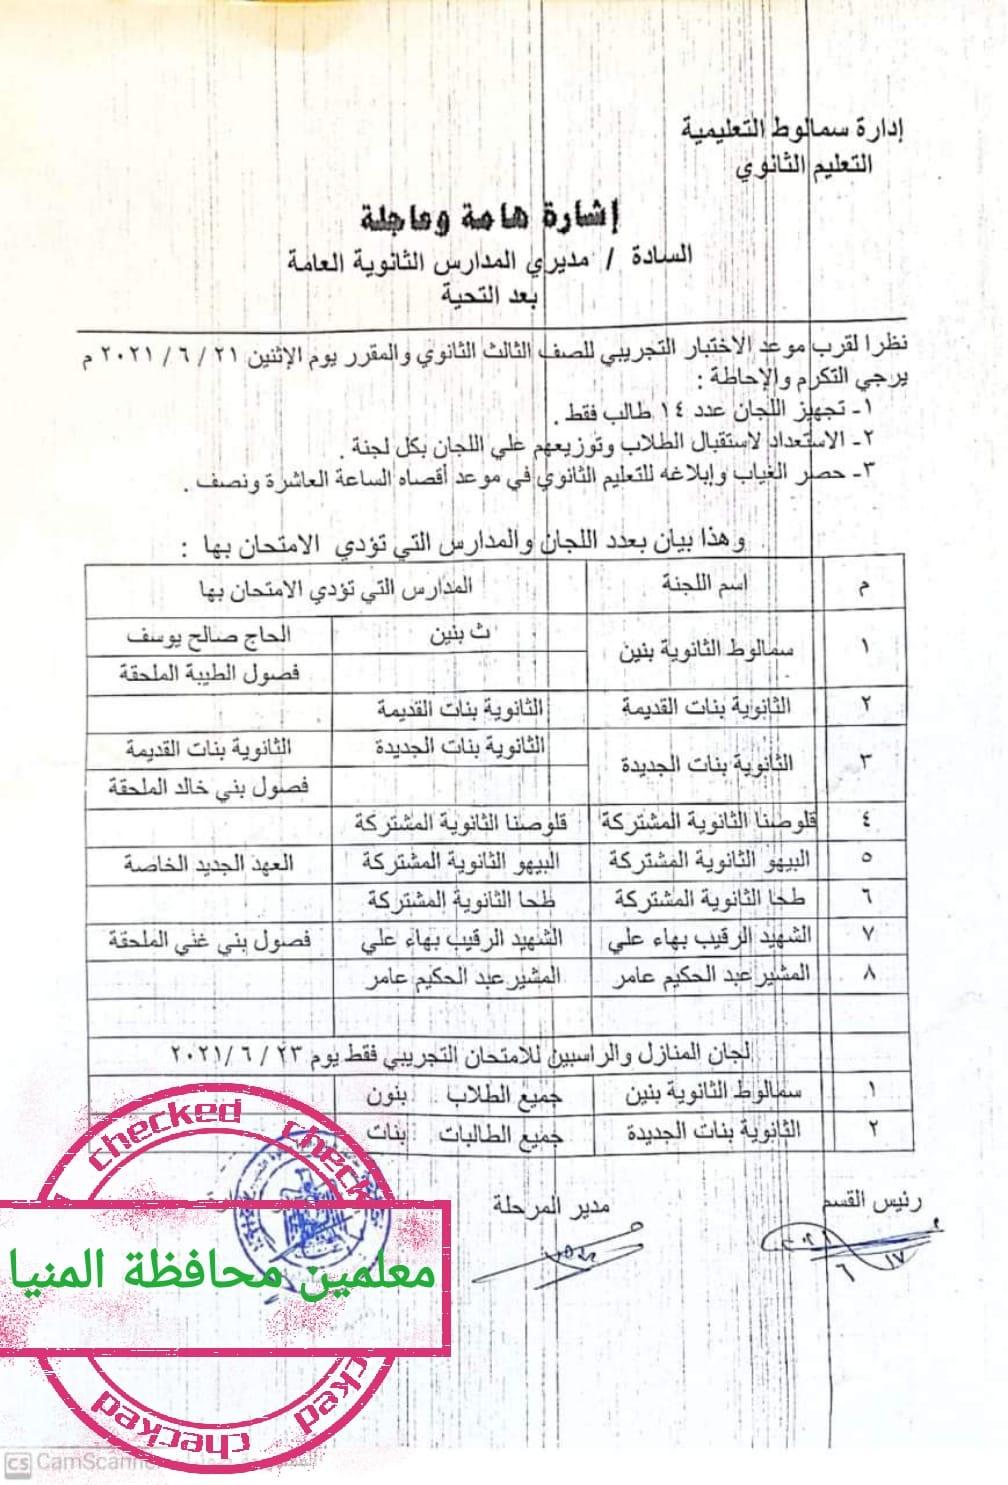 الإدارات توجه المدارس لإتمام امتحانات الثانوية العامة داخل لجان و برقم الجلوس 20133210